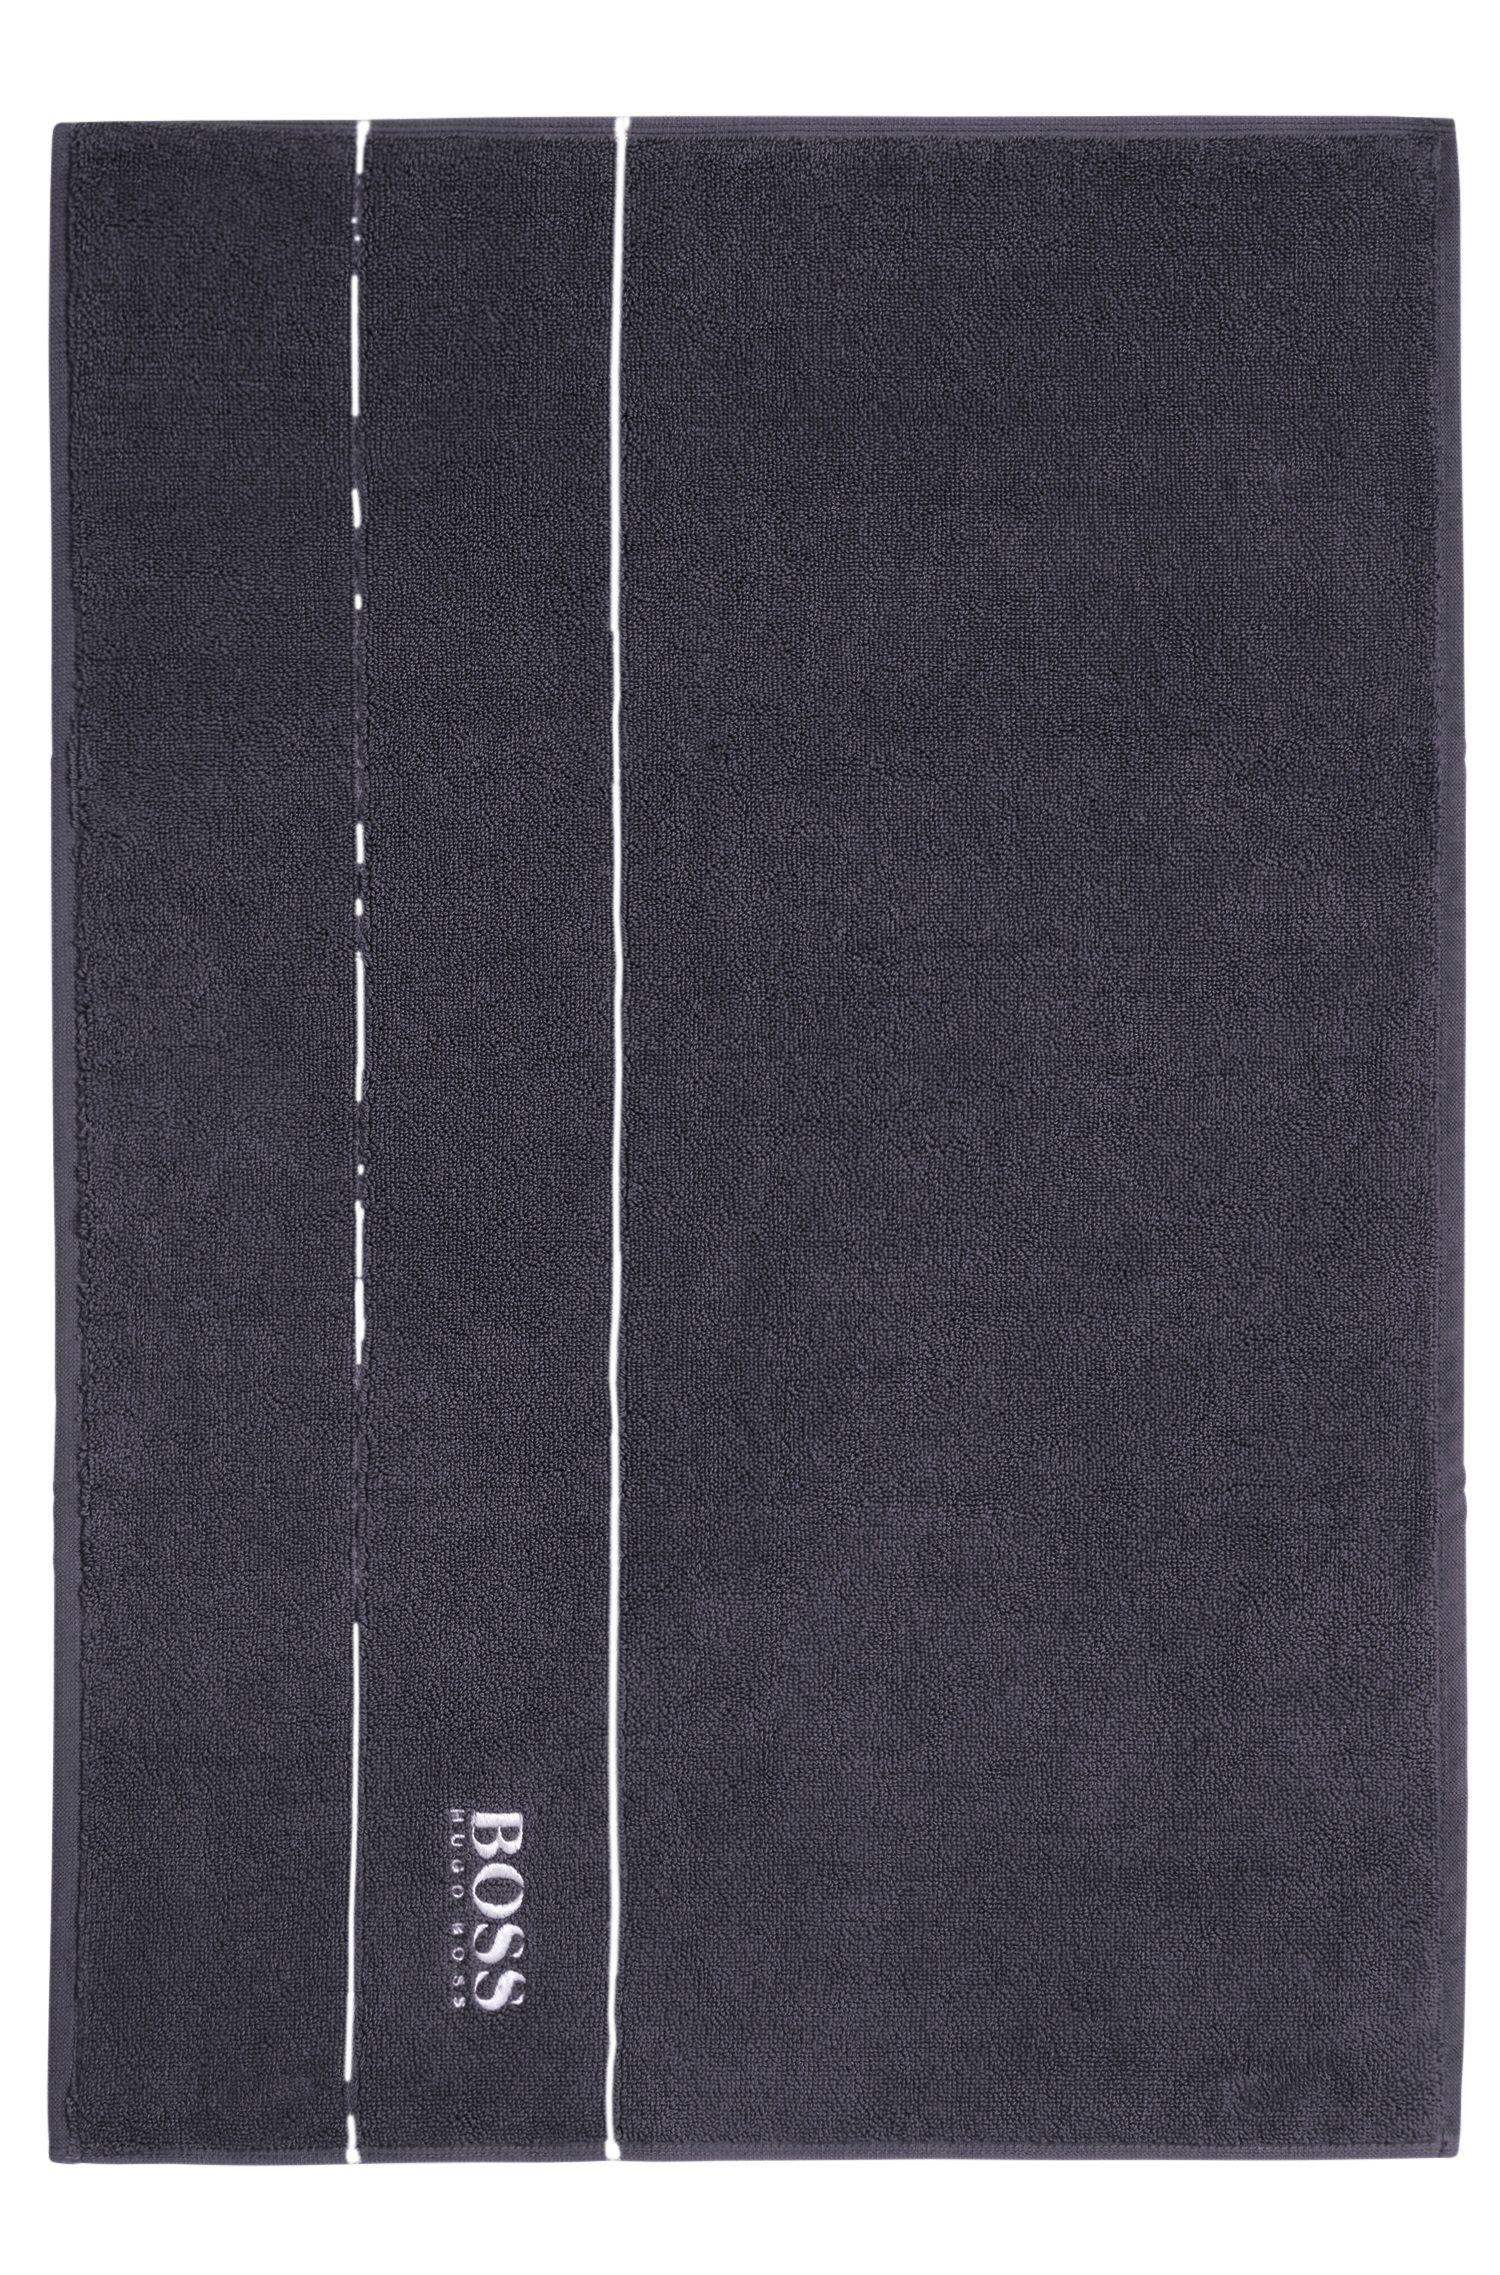 Alfombrilla de baño en algodón egipcio de la máxima calidad con logo en el borde, Gris marengo